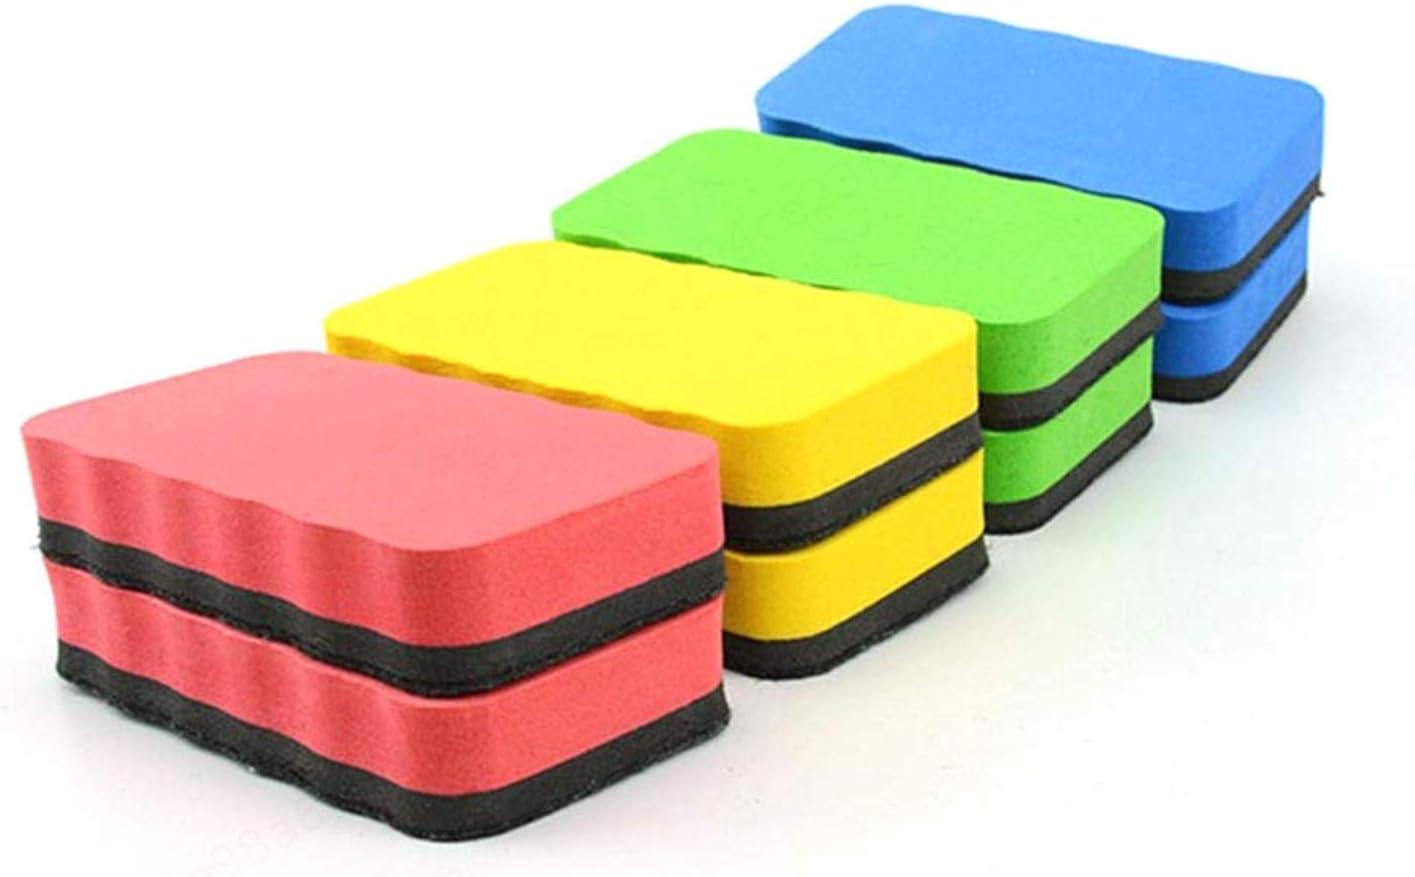 STOBOK 4 pz EVA Schiuma Lavagna Gomma Gommapiuma In Polvere Lavagna Lavagna Eraser Marker Cleaner Forniture Per Ufficio Scuola Colore Casuale